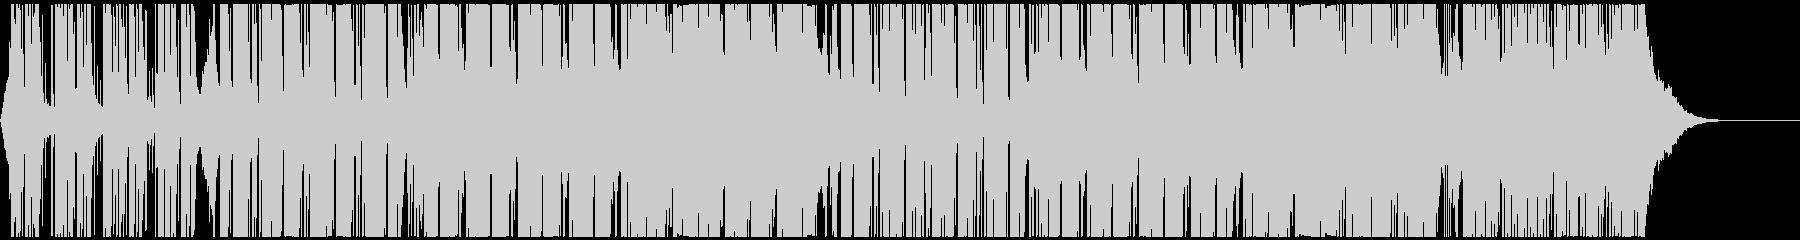 ハッピーで軽快なテクノポップ CM・映像の未再生の波形